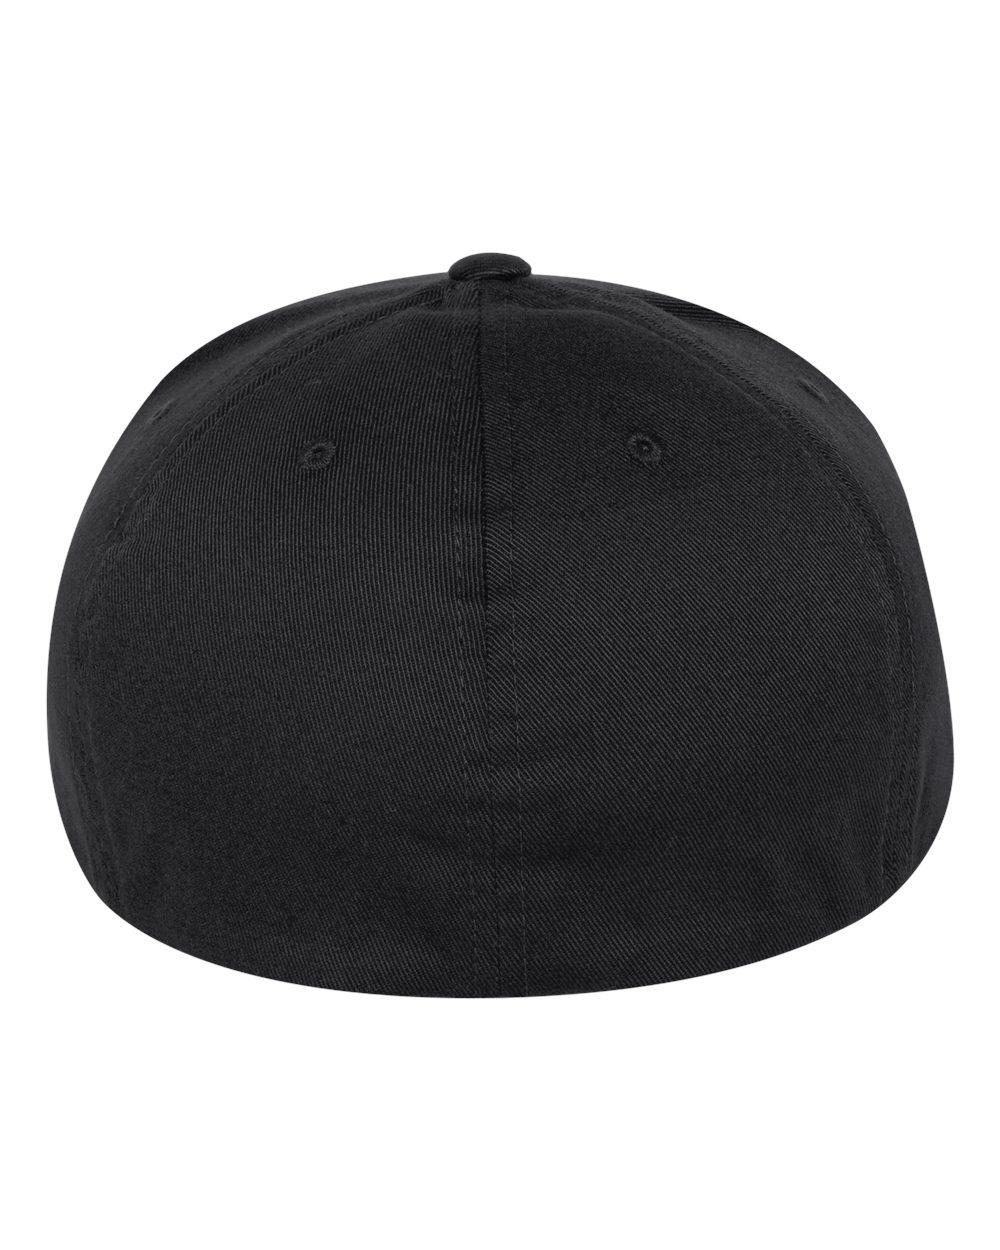 Flexfit Mens Pro-Baseball On Field Flat Bill Cap Hat 6297F six-panel